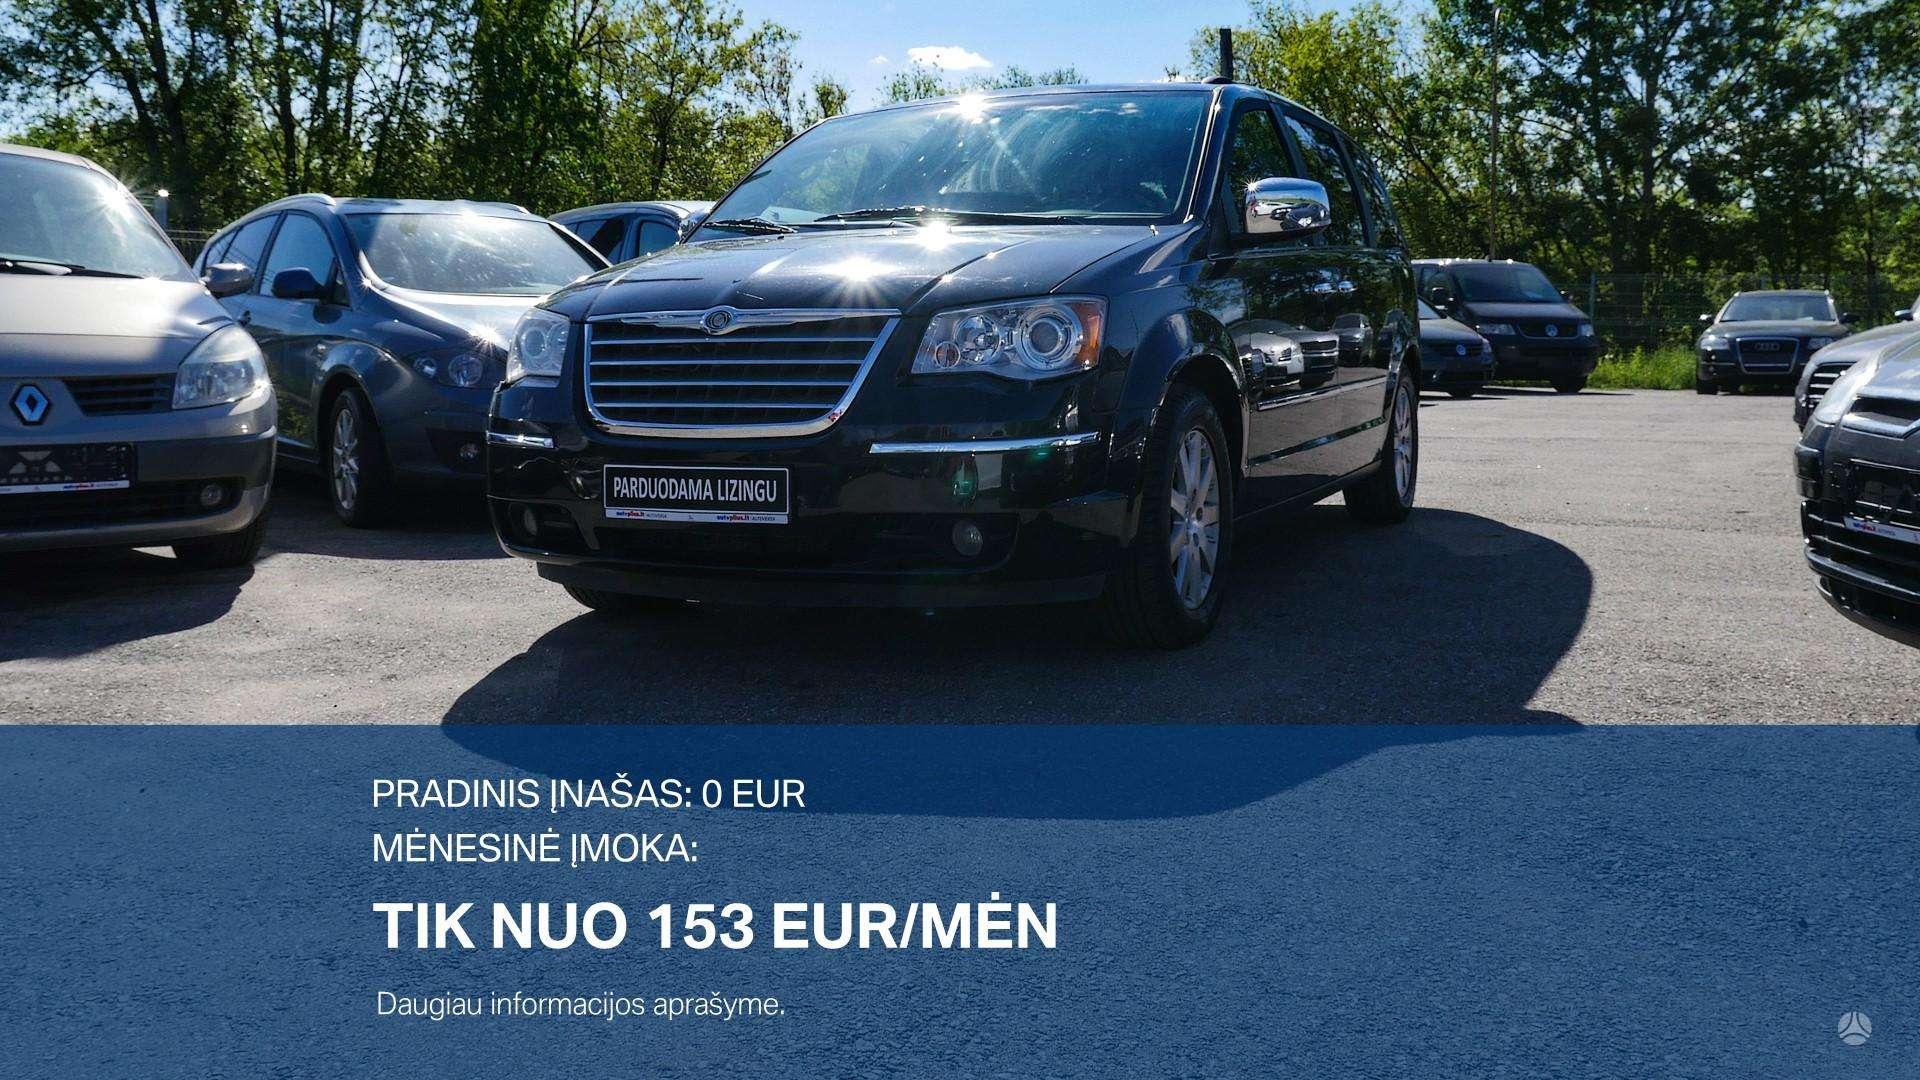 Chrysler Grand Voyager išsimokėtinai nuo 153 Eur/mėn su 3 mėnesių garantija